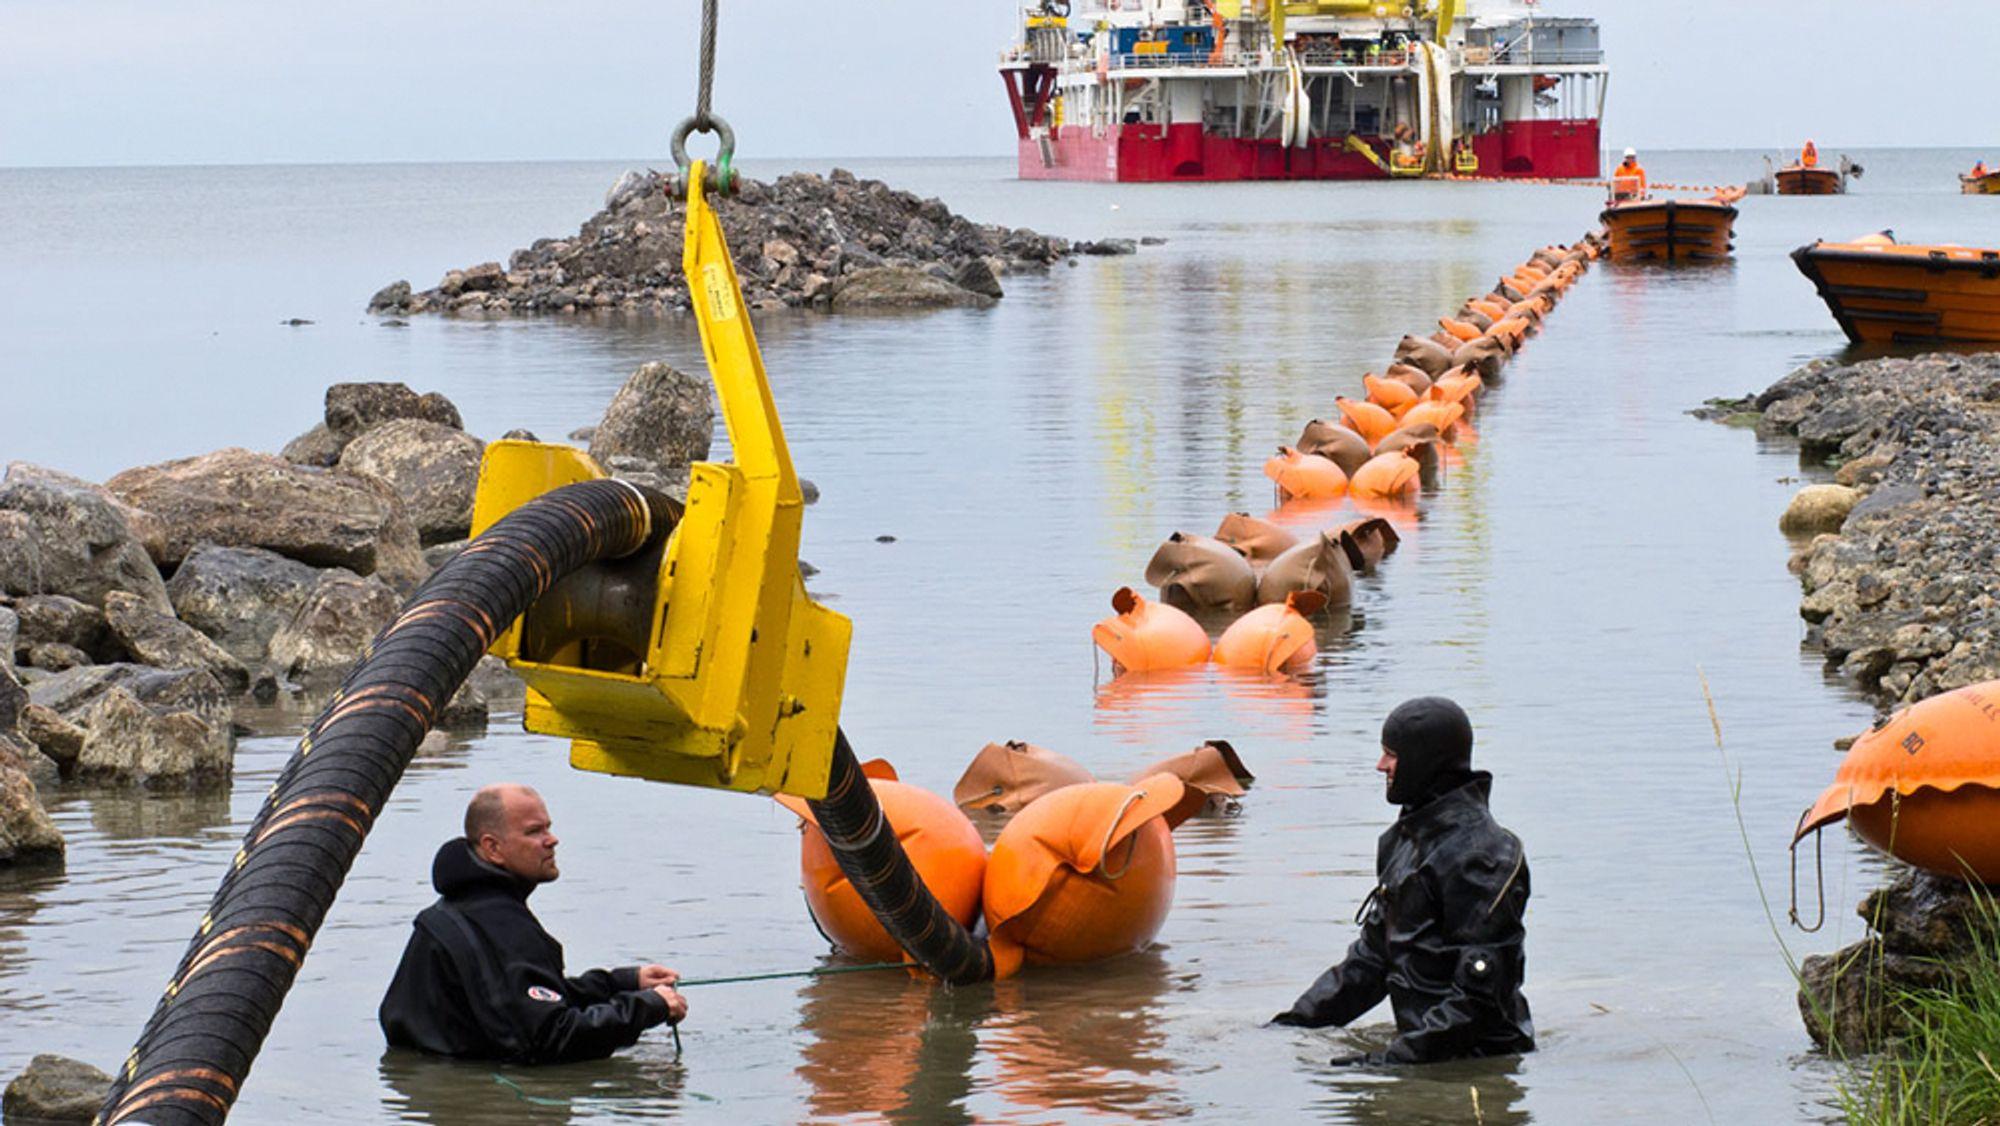 Olje- og energiminister Tina Bru utsetter behandlingen av kraftkabelen Northconnect mellom Norge og Skottland. Bildet er fra byggingen av Fennoskan, en kraftkabel mellom Dannebo i Sverige og Rauma i Finland.